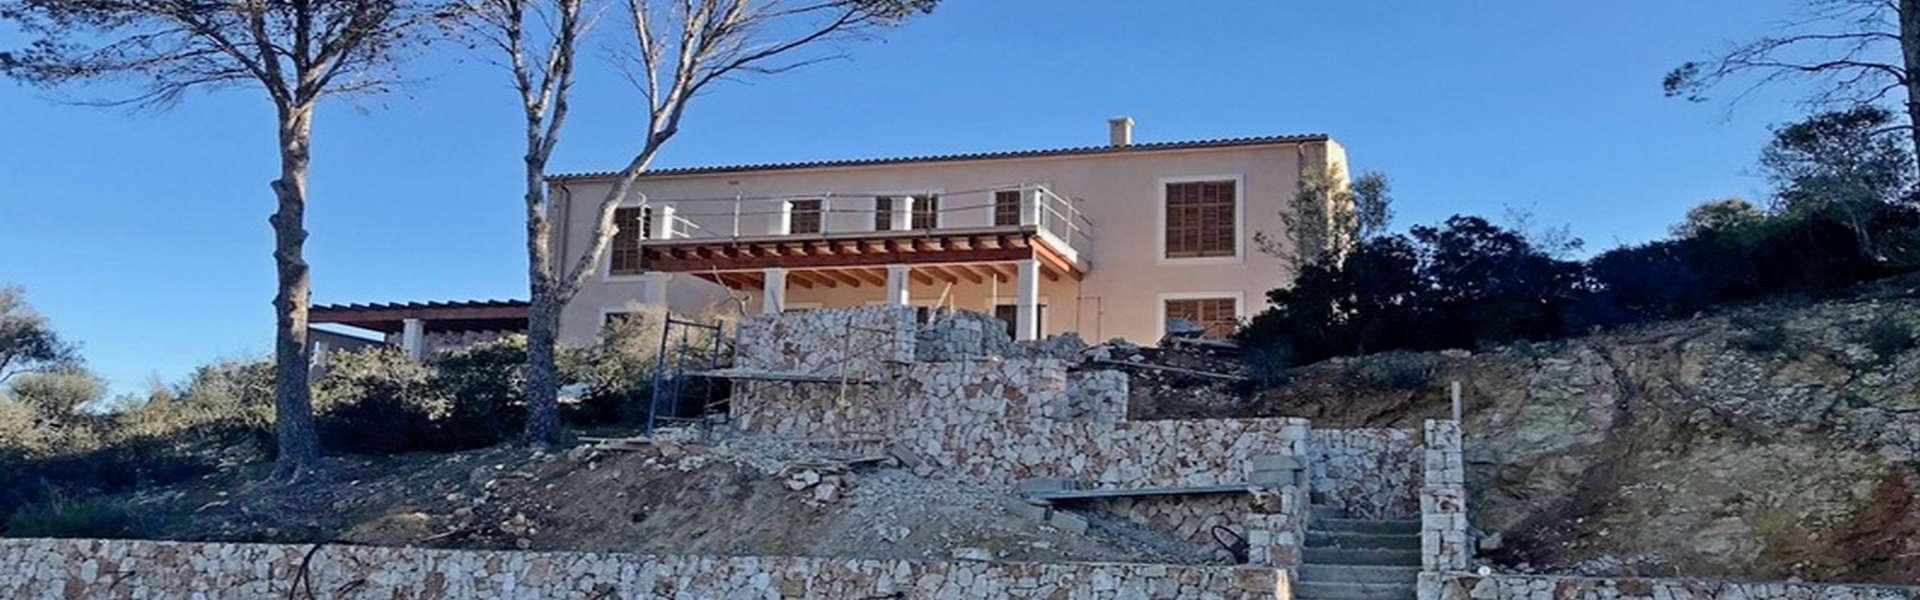 Impresionante proyecto entre Cas Concos y Santanyí